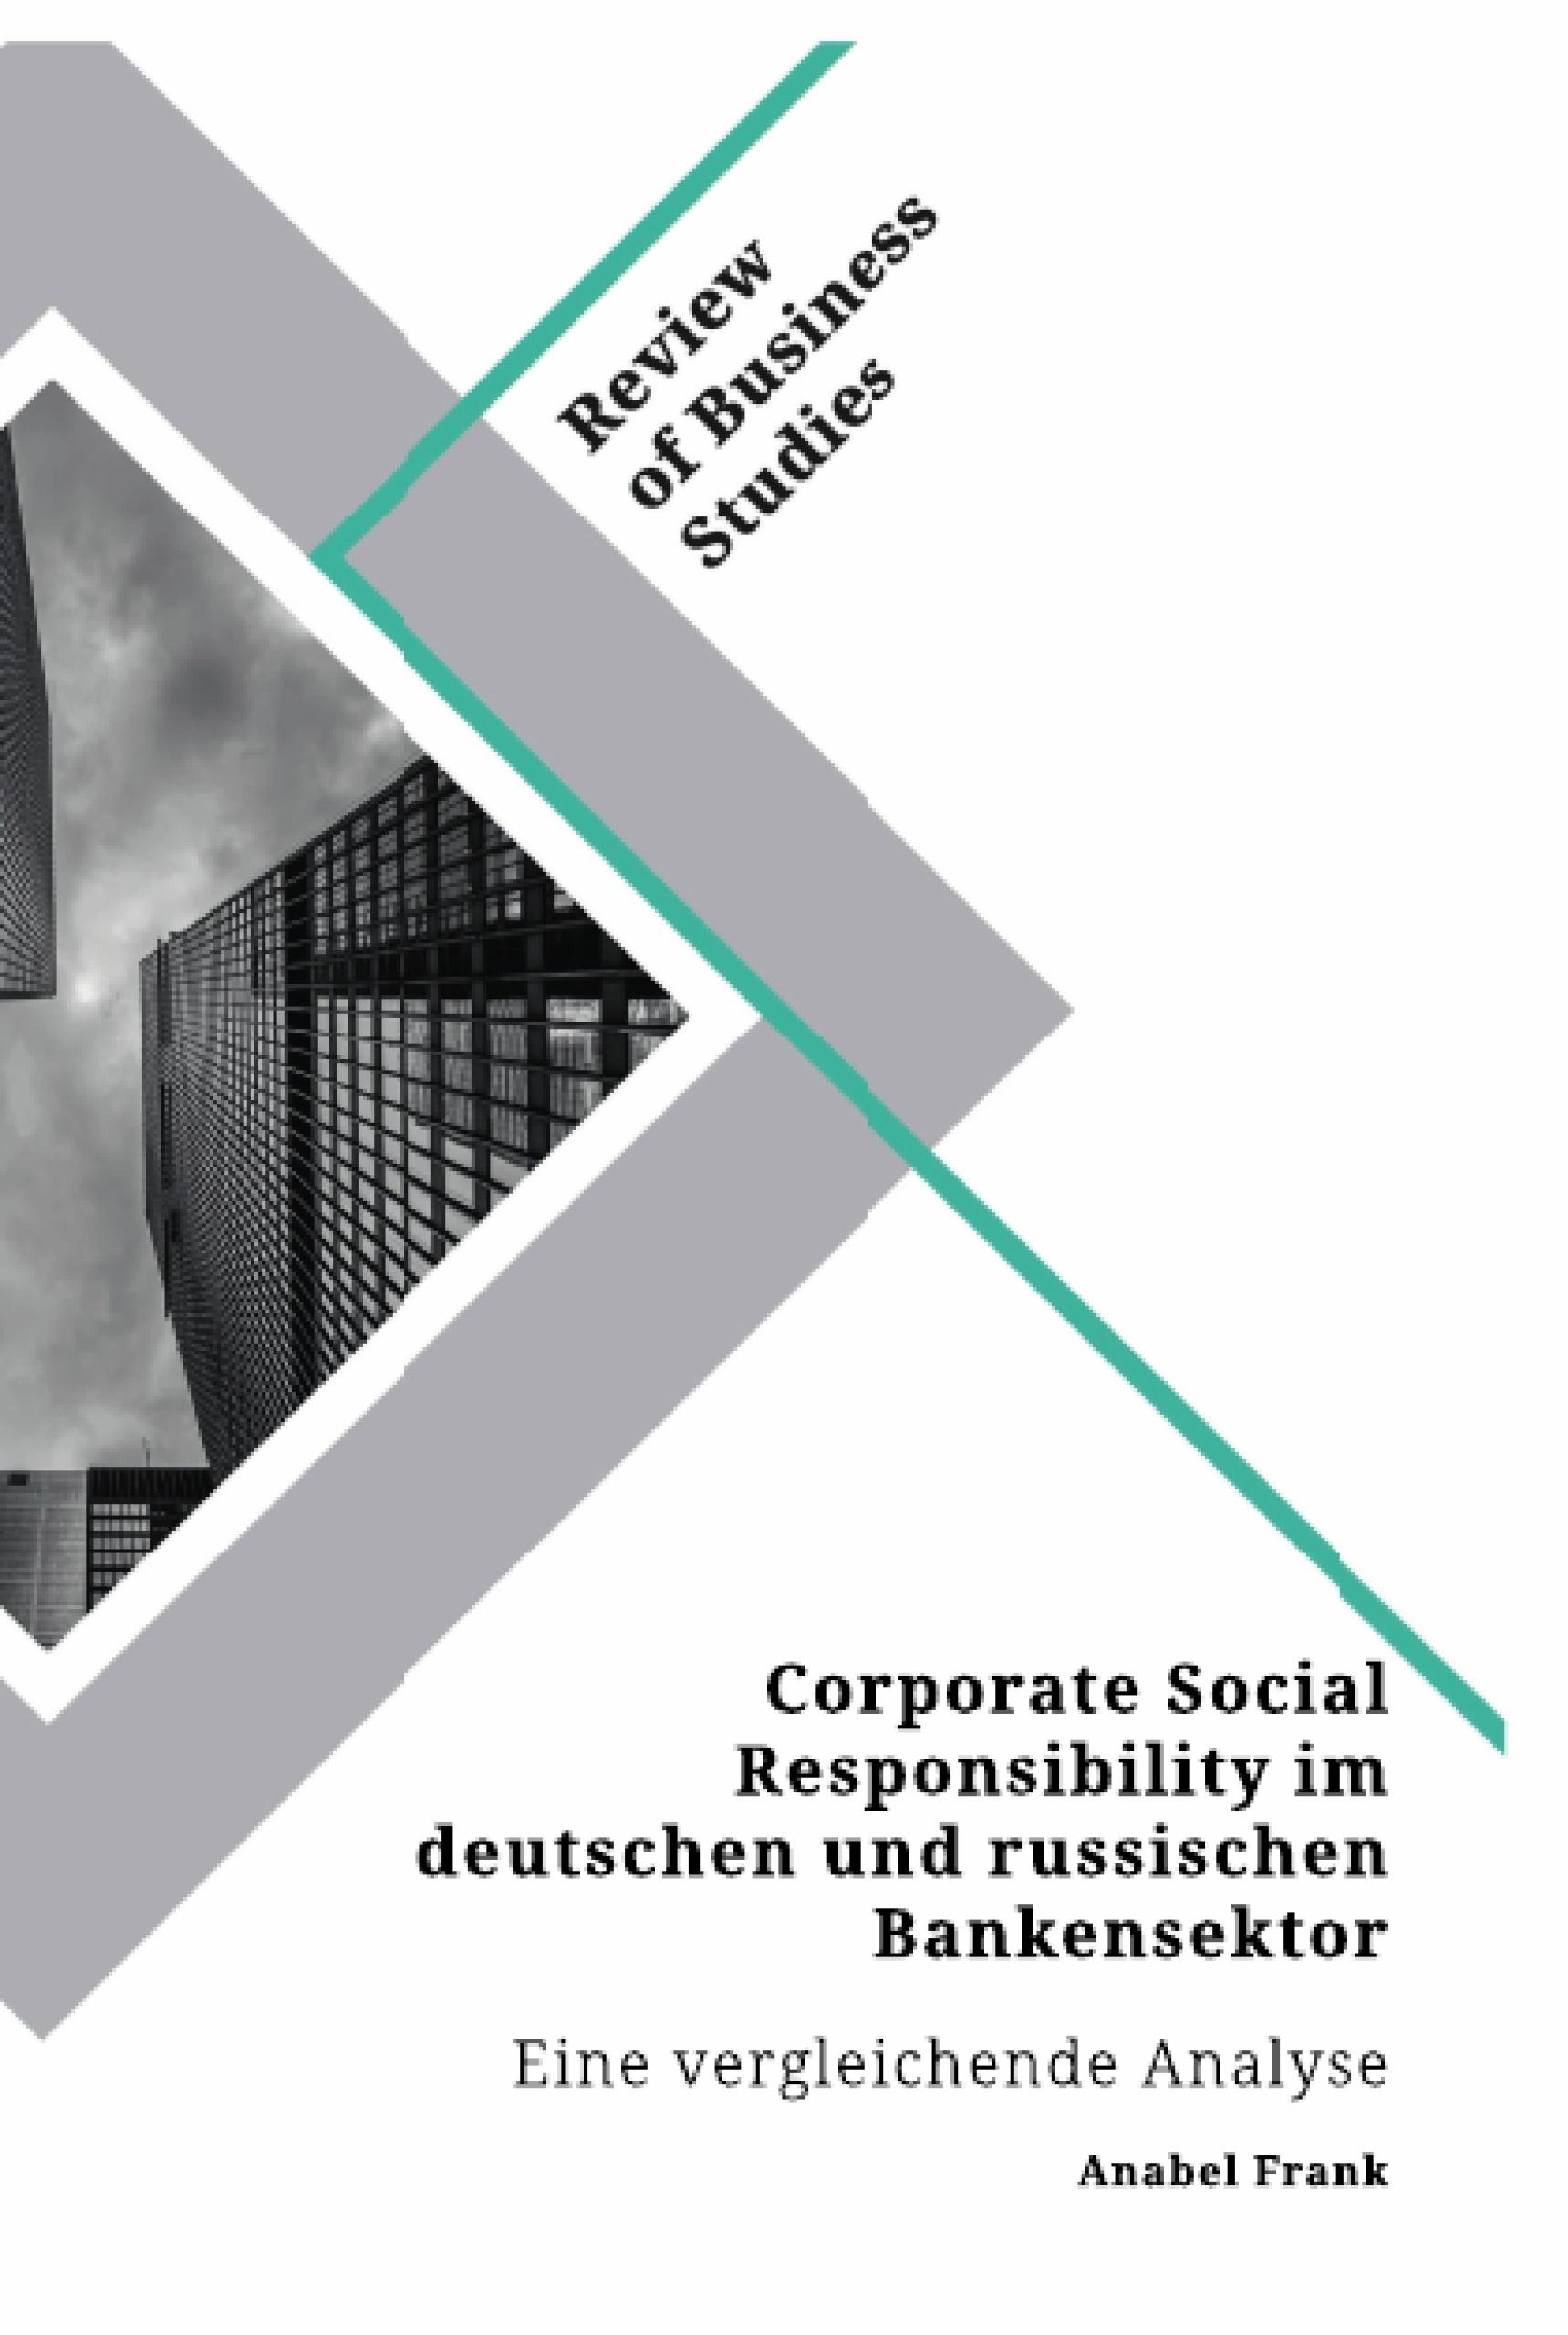 Titel: Corporate Social Responsibility im deutschen und russischen Bankensektor